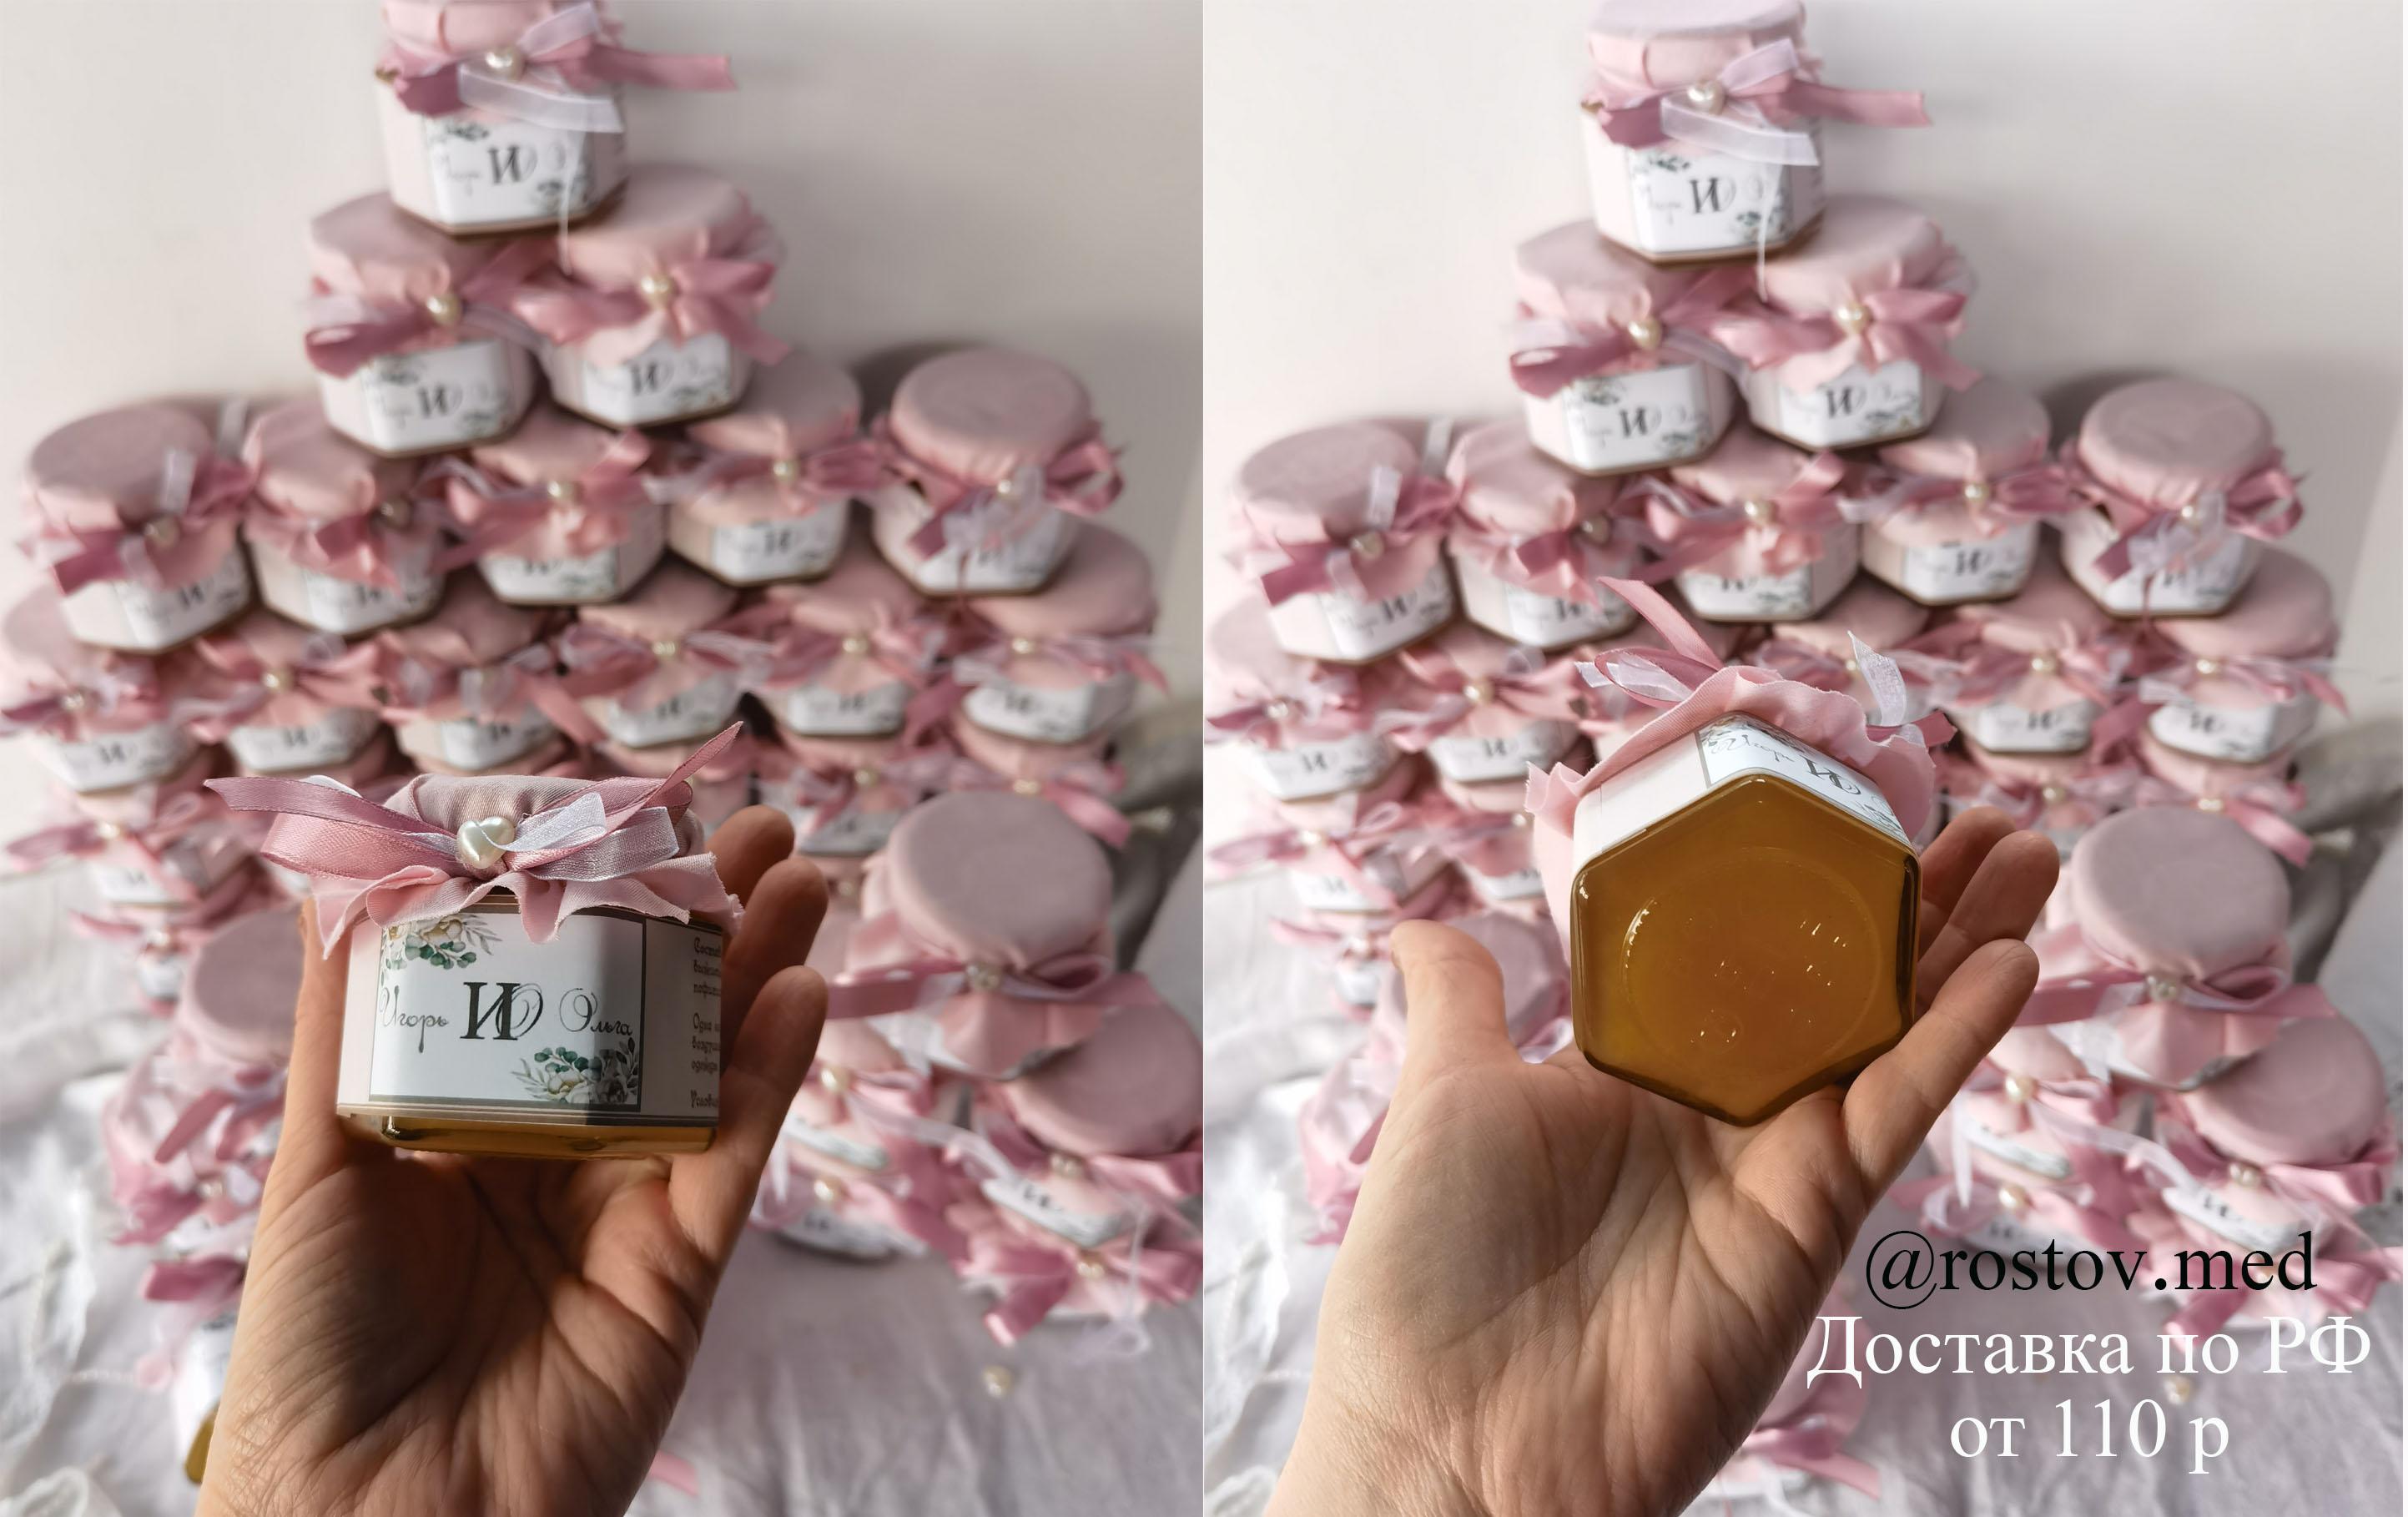 комплимент мед, баночки с медом на свадьбу, мед в баночках в подарок, купить мед в маленьких баночках